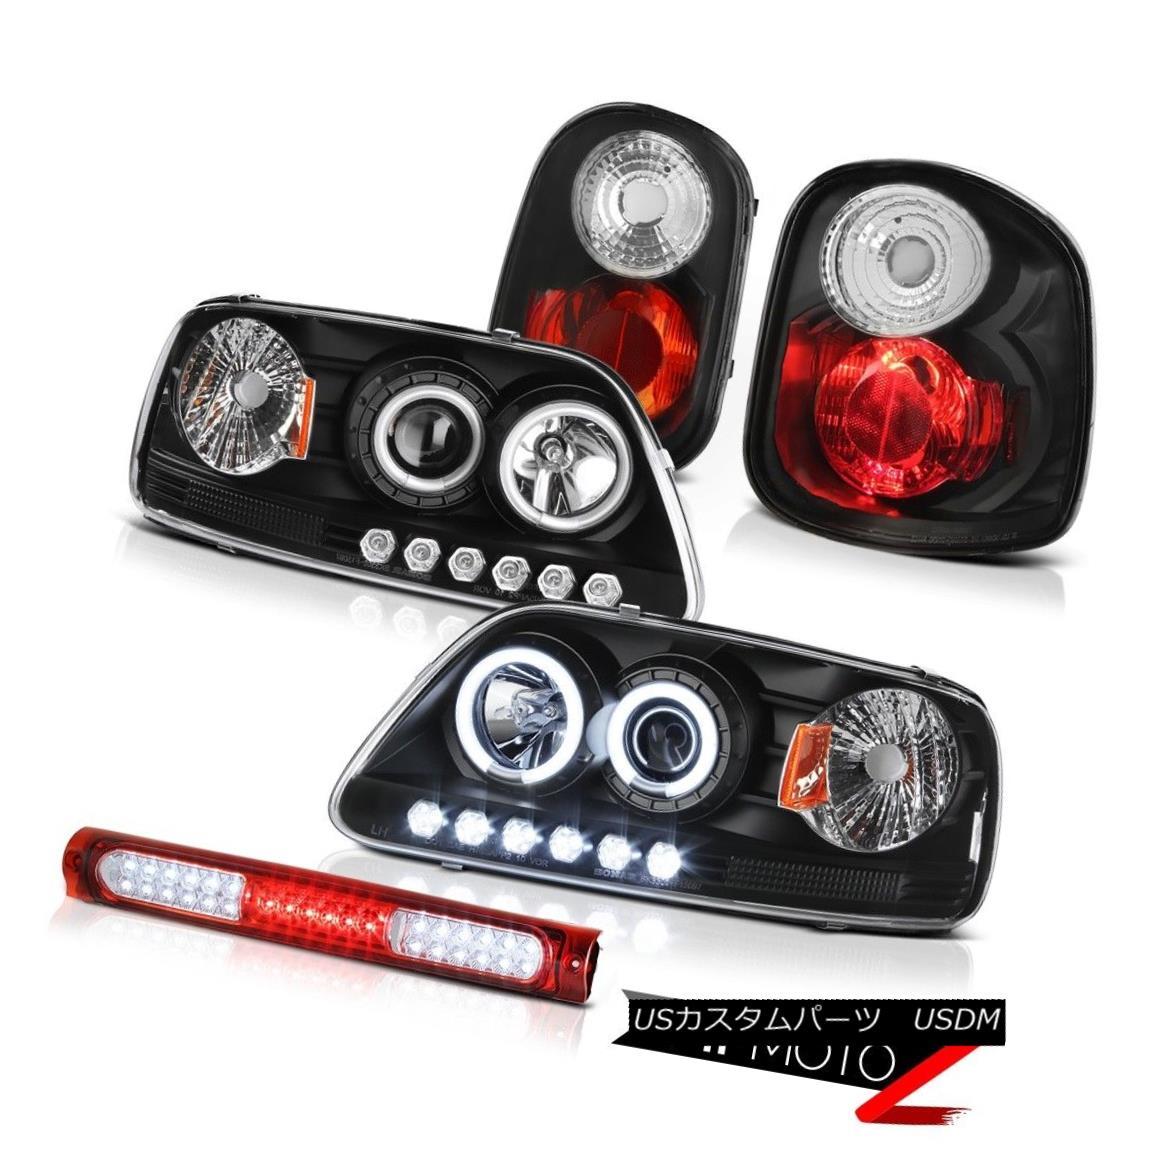 テールライト 01-03 F150 Flareside DRL CCFL Rim Headlight Signal Tail Light Black Stop LED Red 01-03 F150 Flareside DRL CCFLリムヘッドライト信号テールライトブラックストップLEDレッド